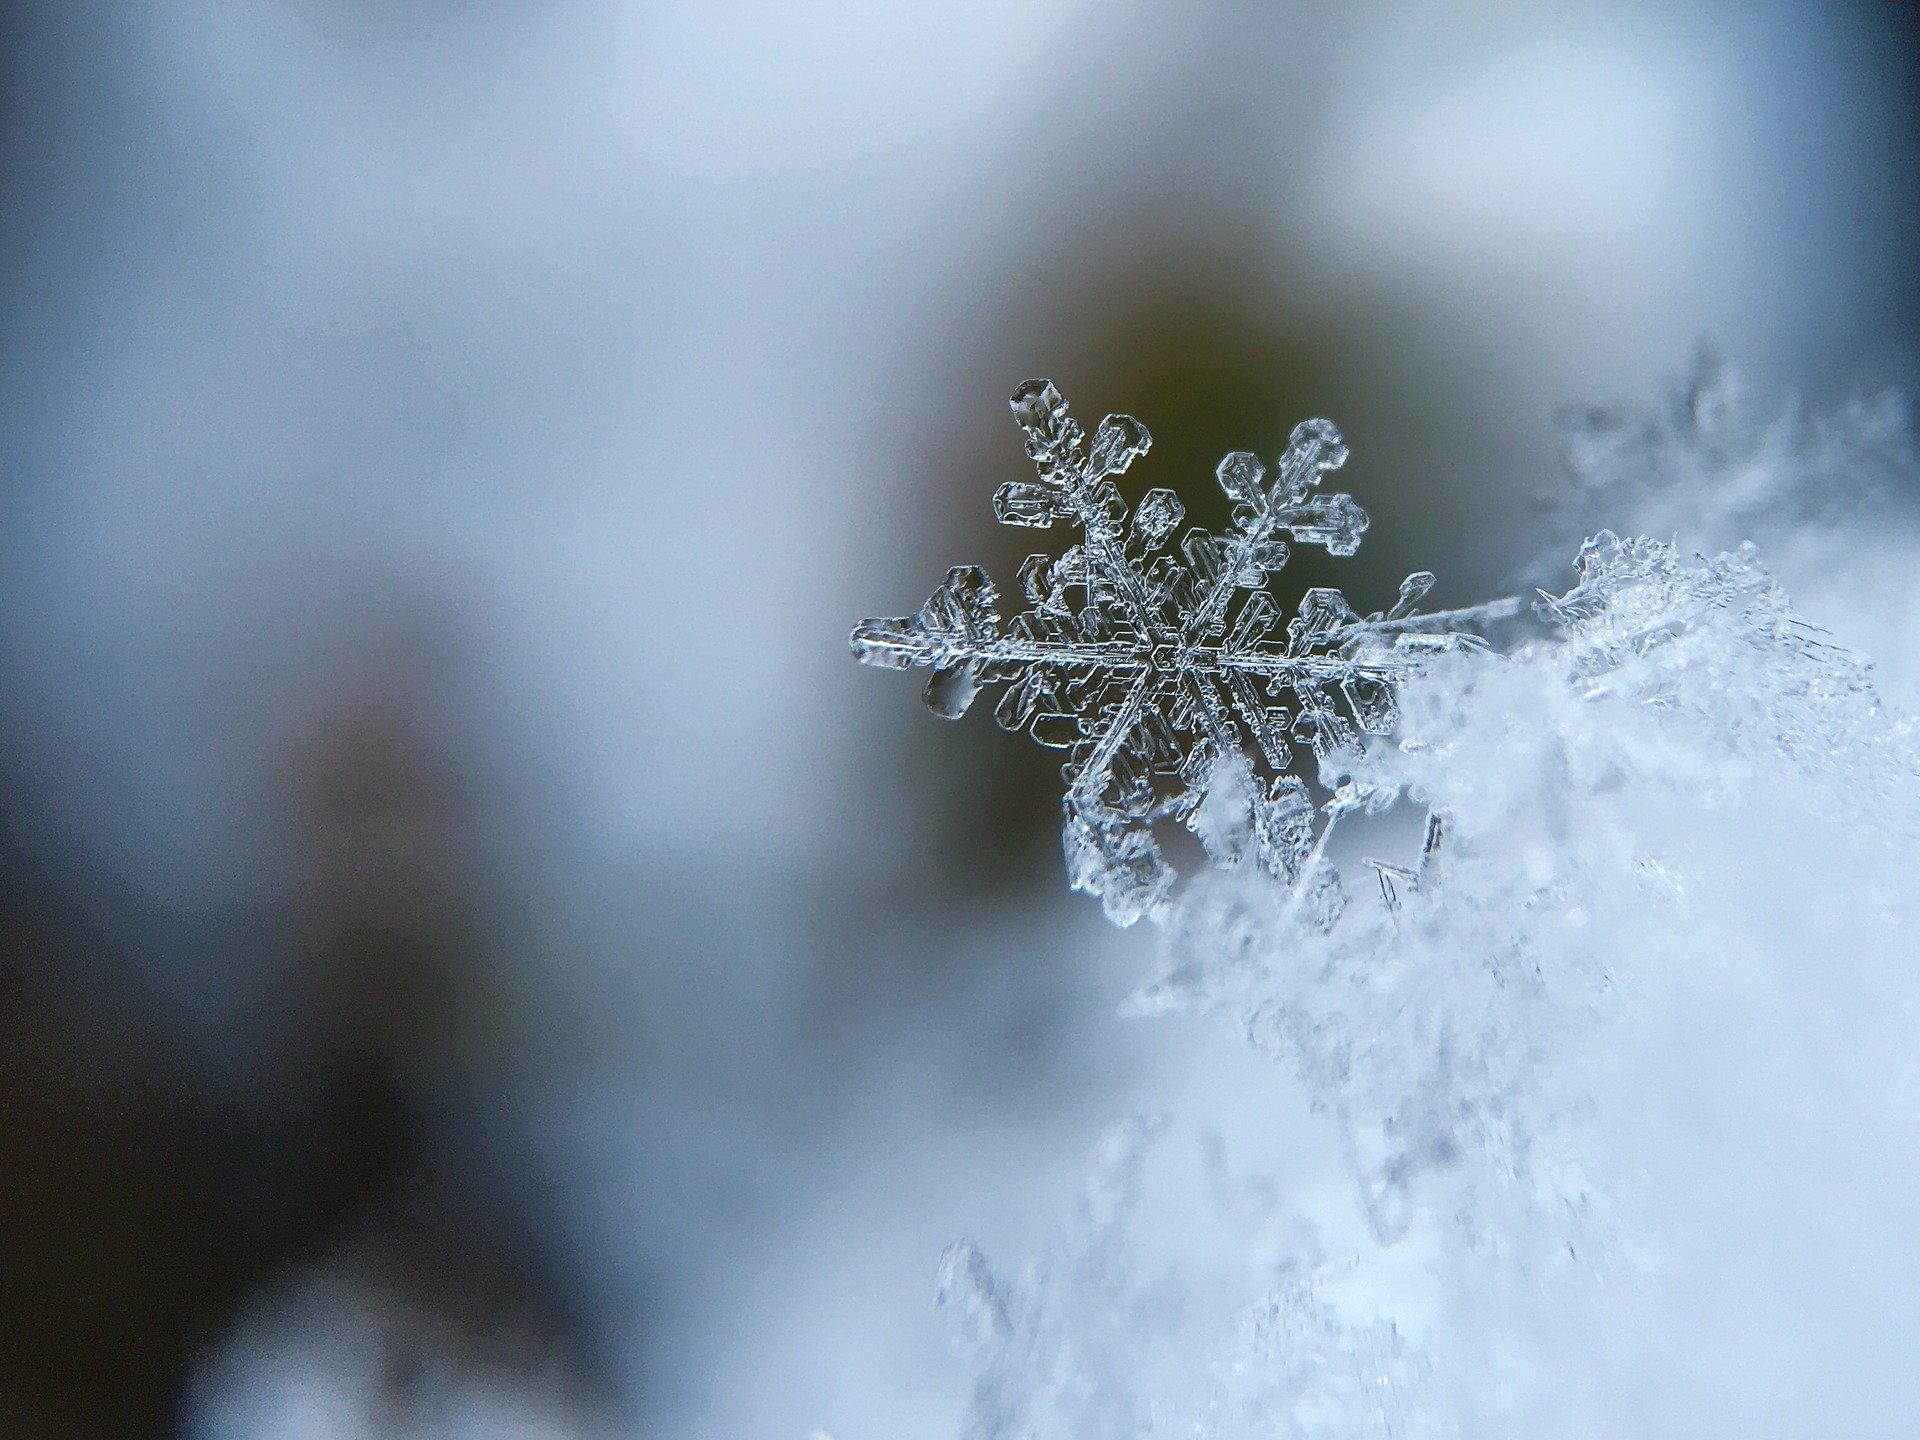 Prognoza pogody 26.01 – 01.02.2020 r.